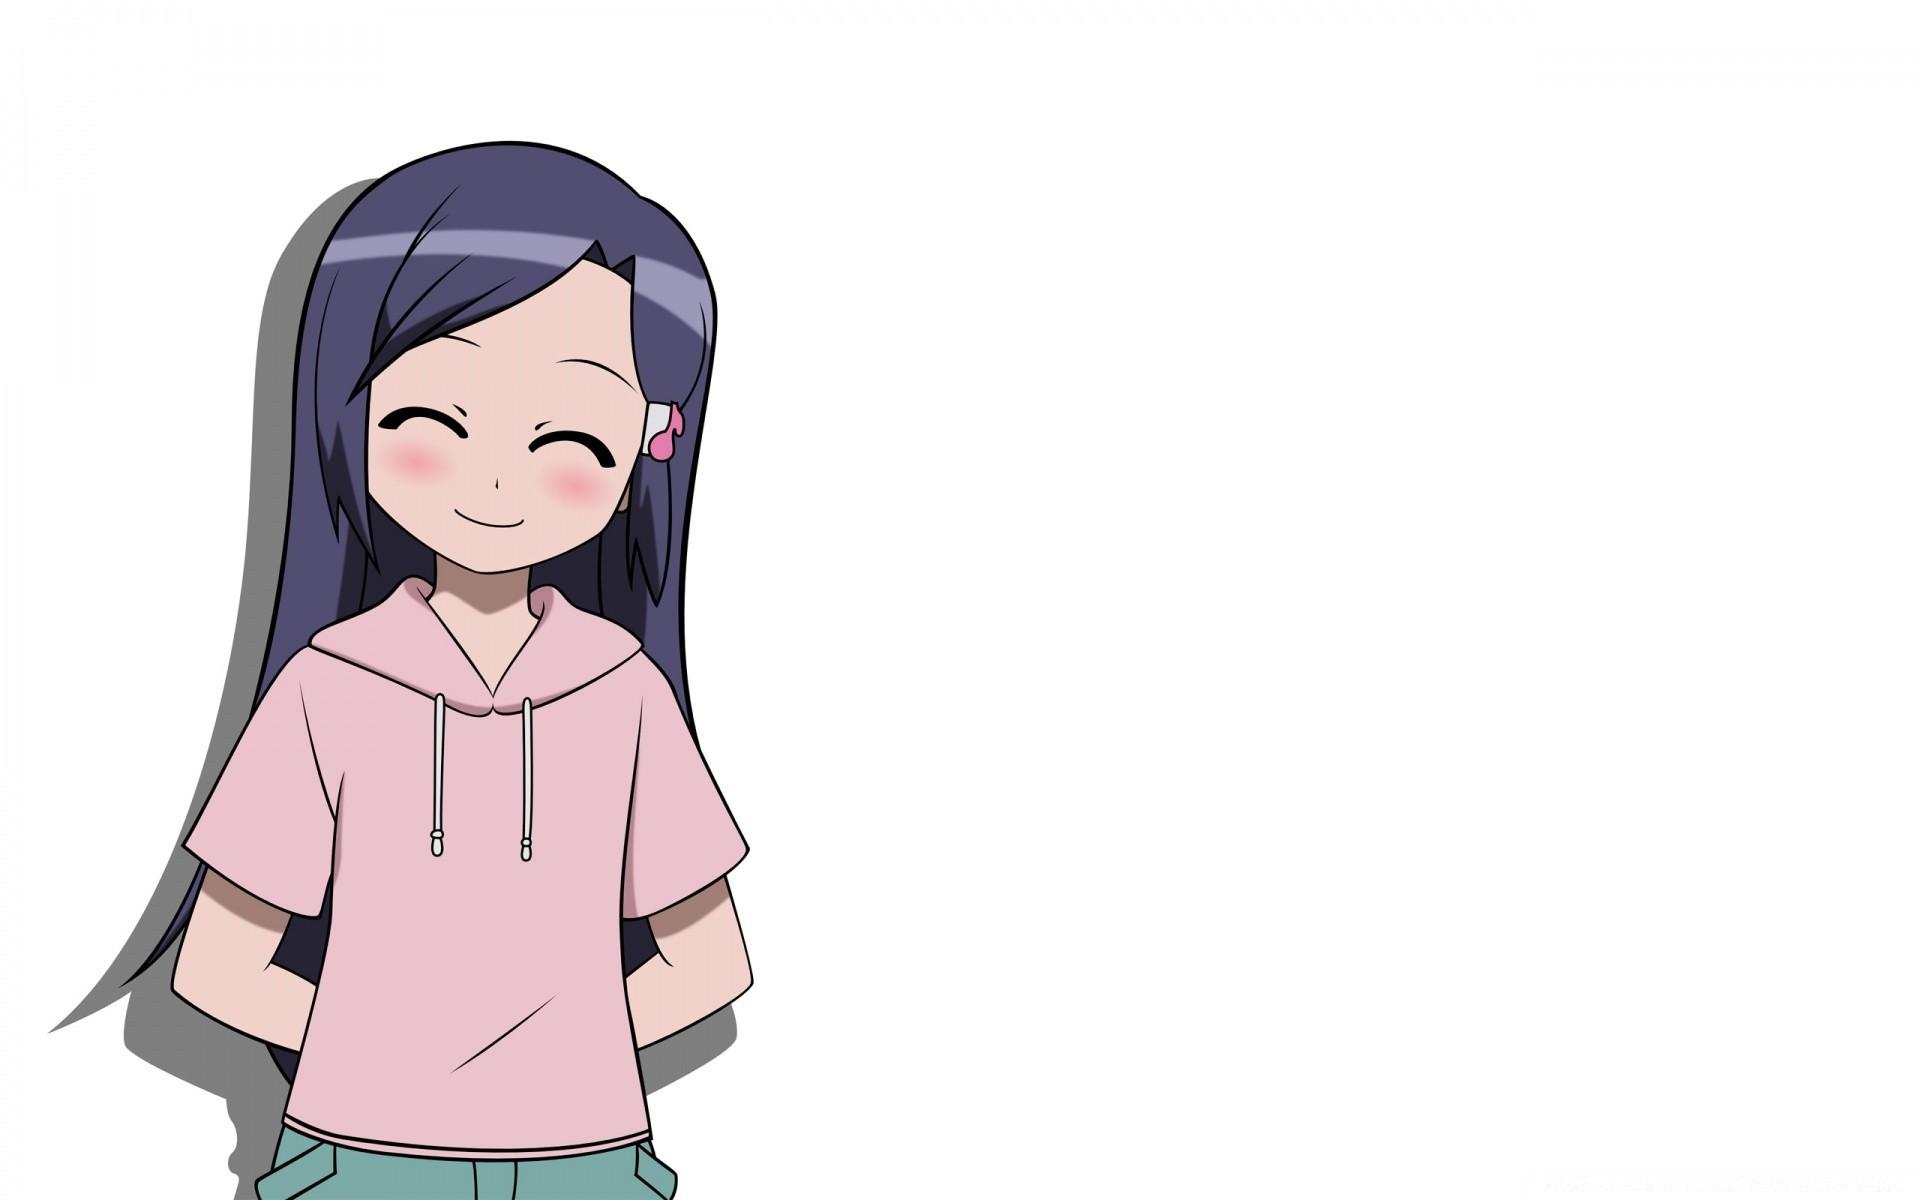 аниме фото на белом фоне